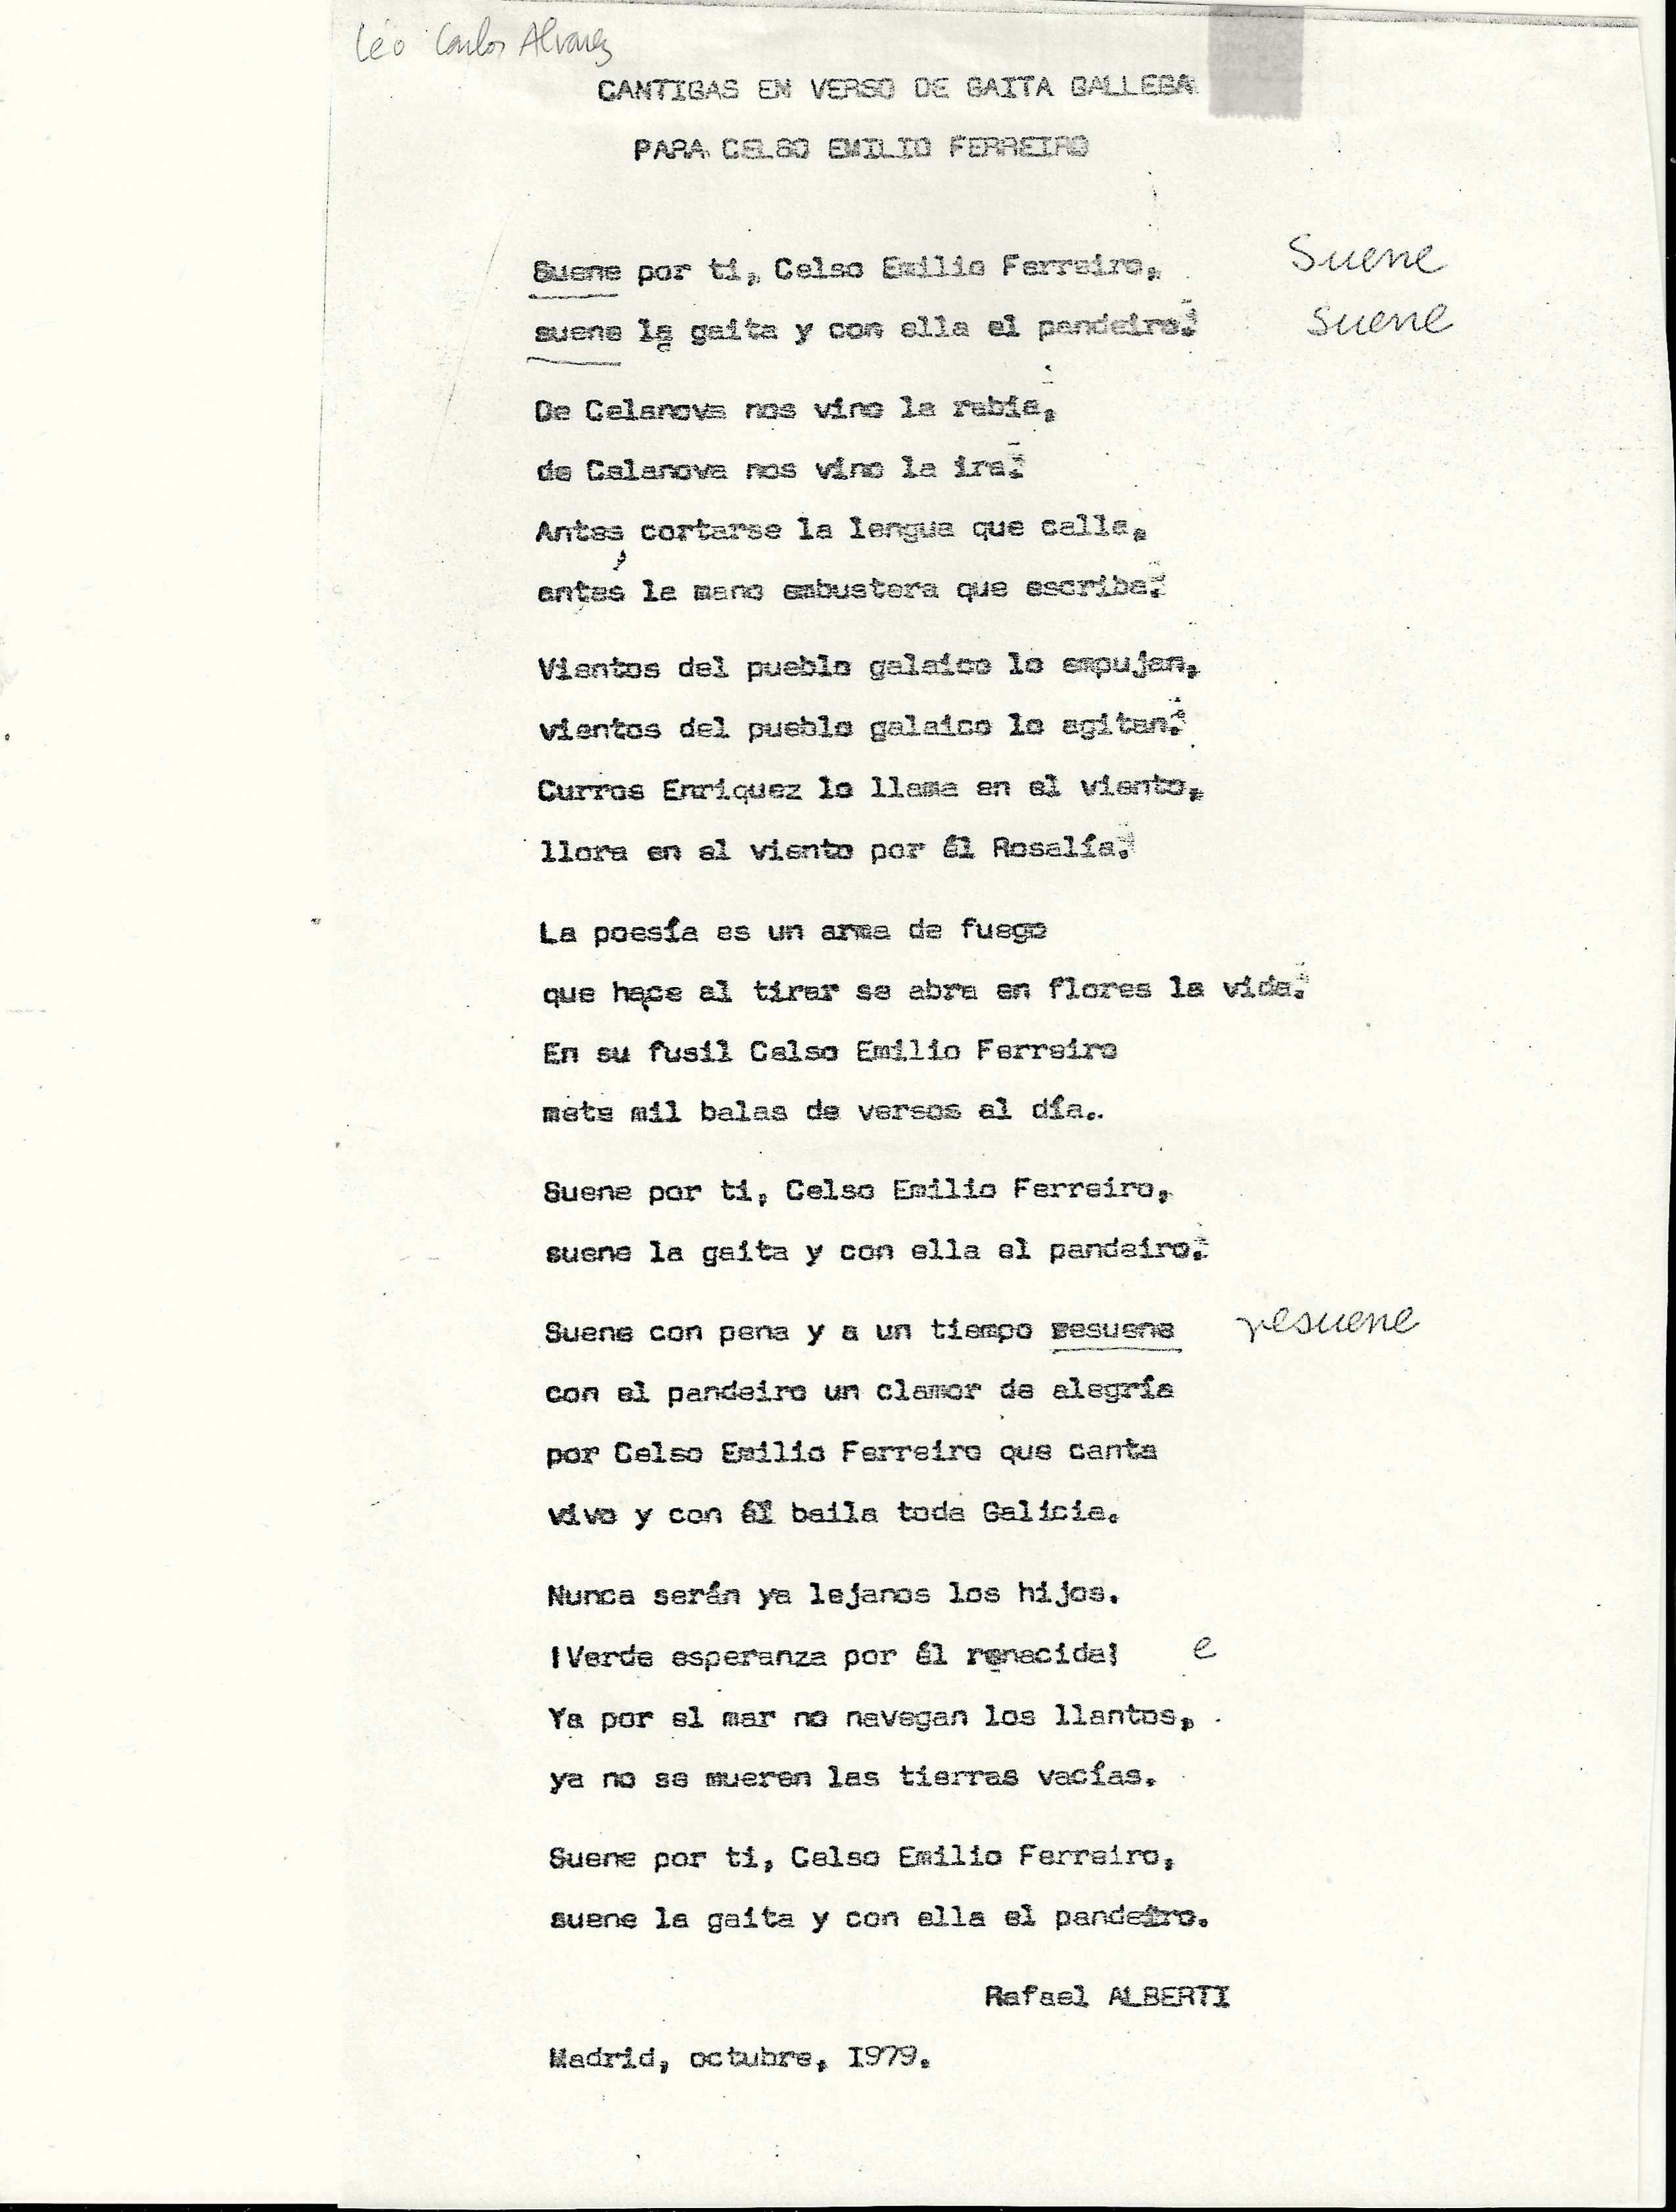 Rafael Alberti, Cantigas en verso de gaita galega para CEF (Ori